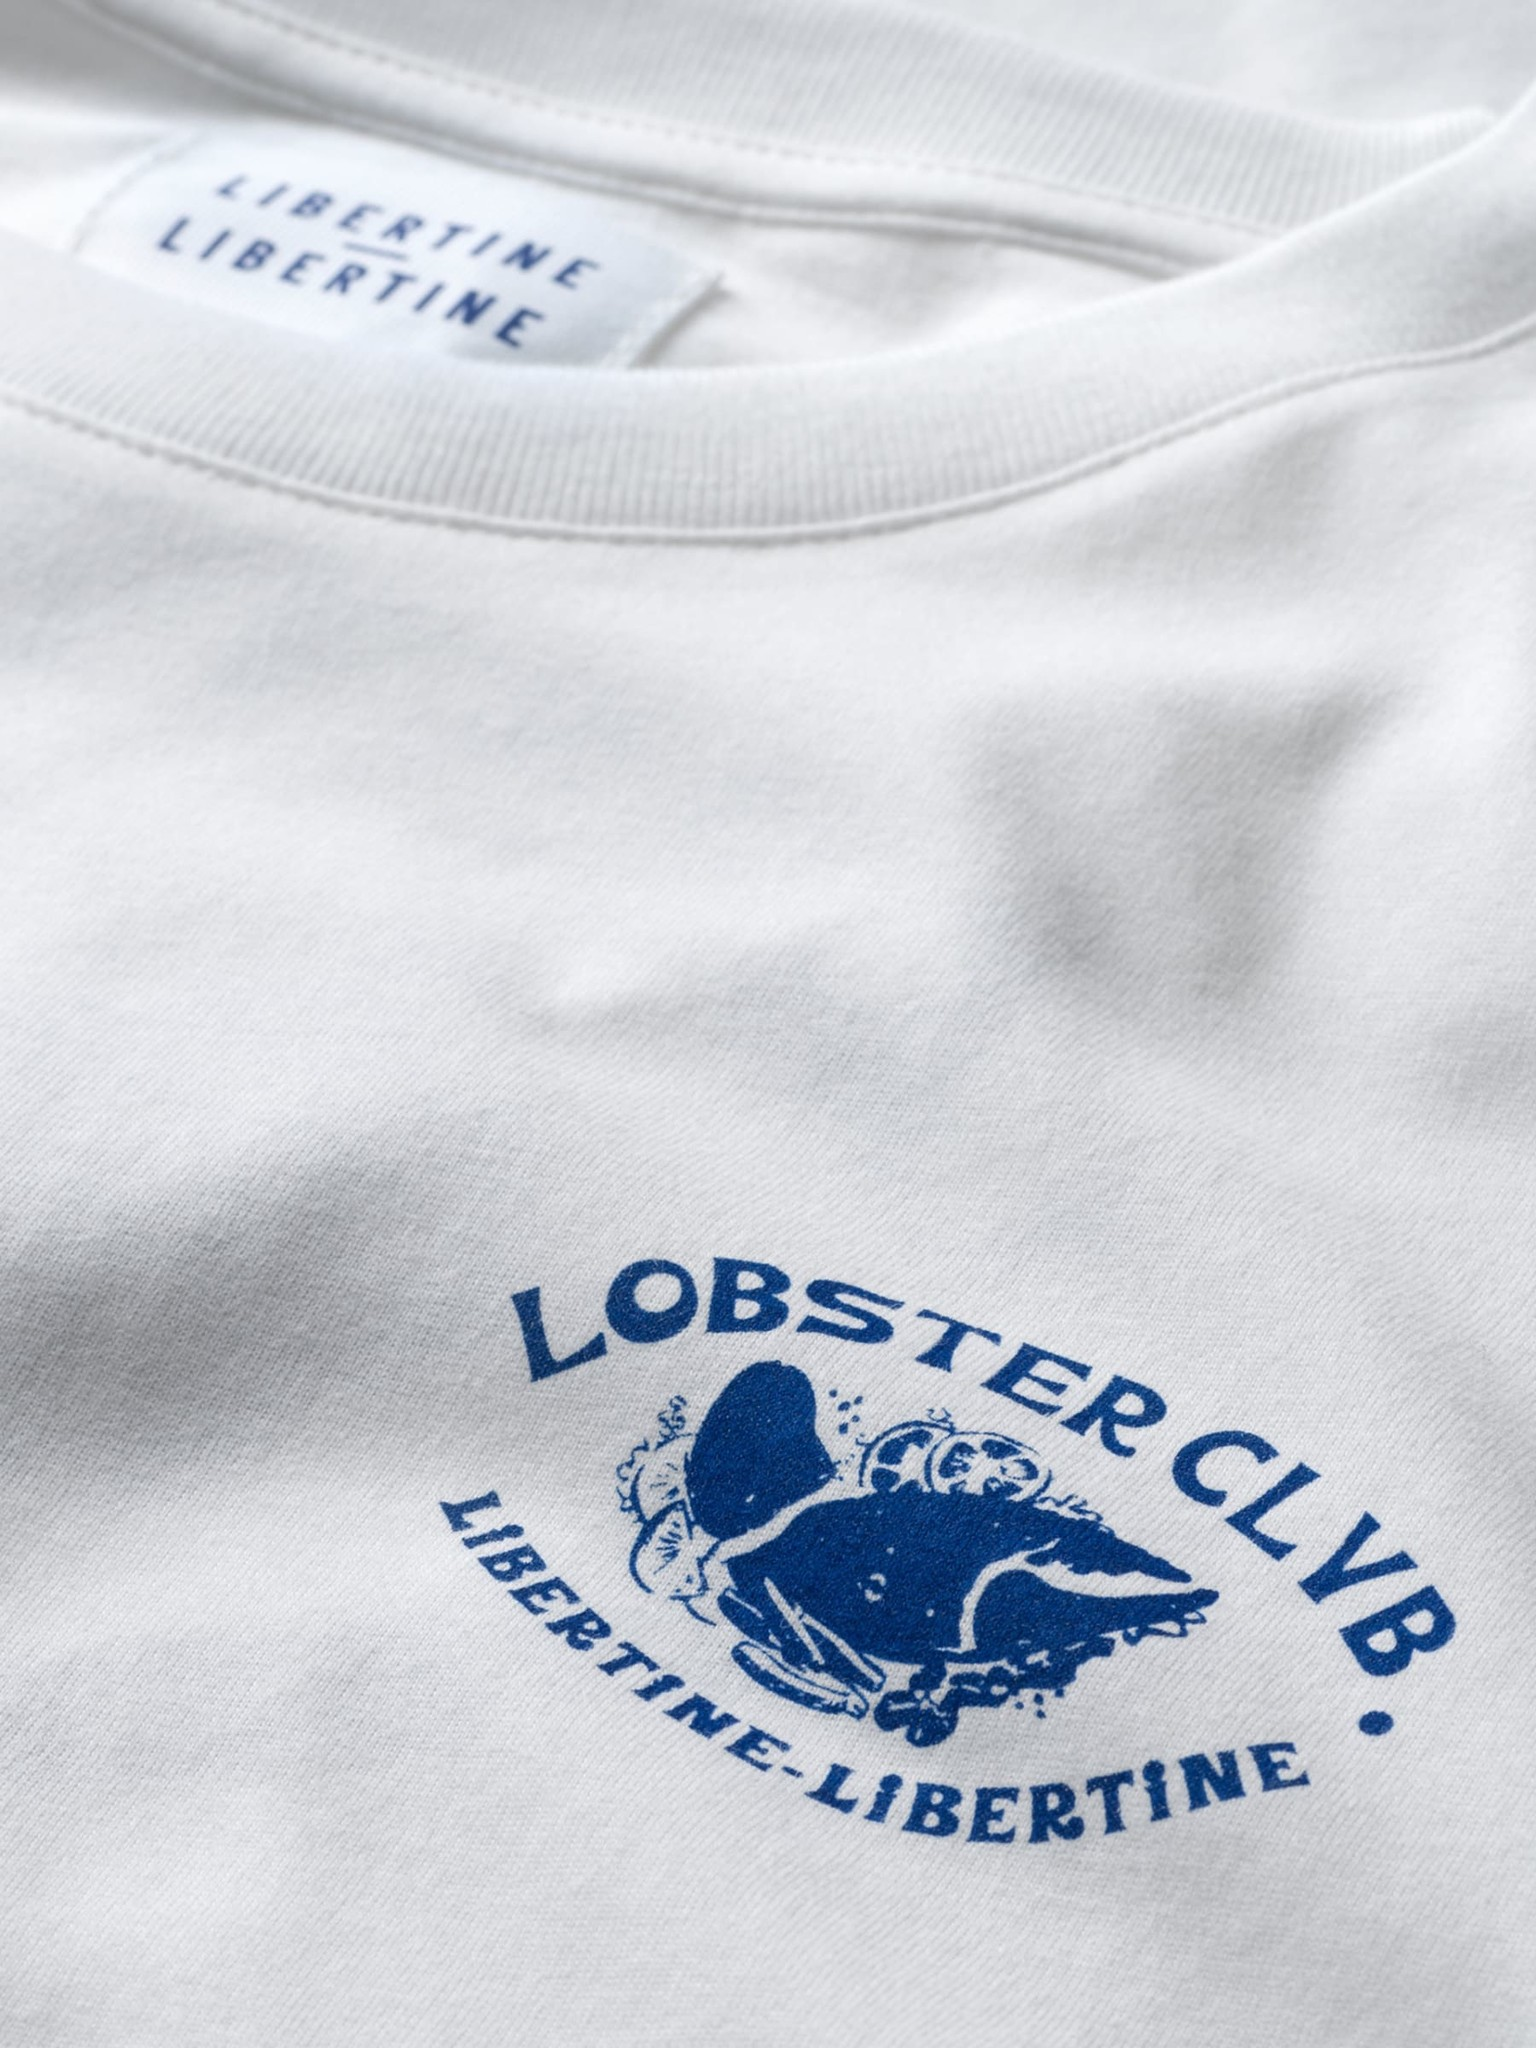 Libertine Libertine Beat Claw T-Shirt White-2